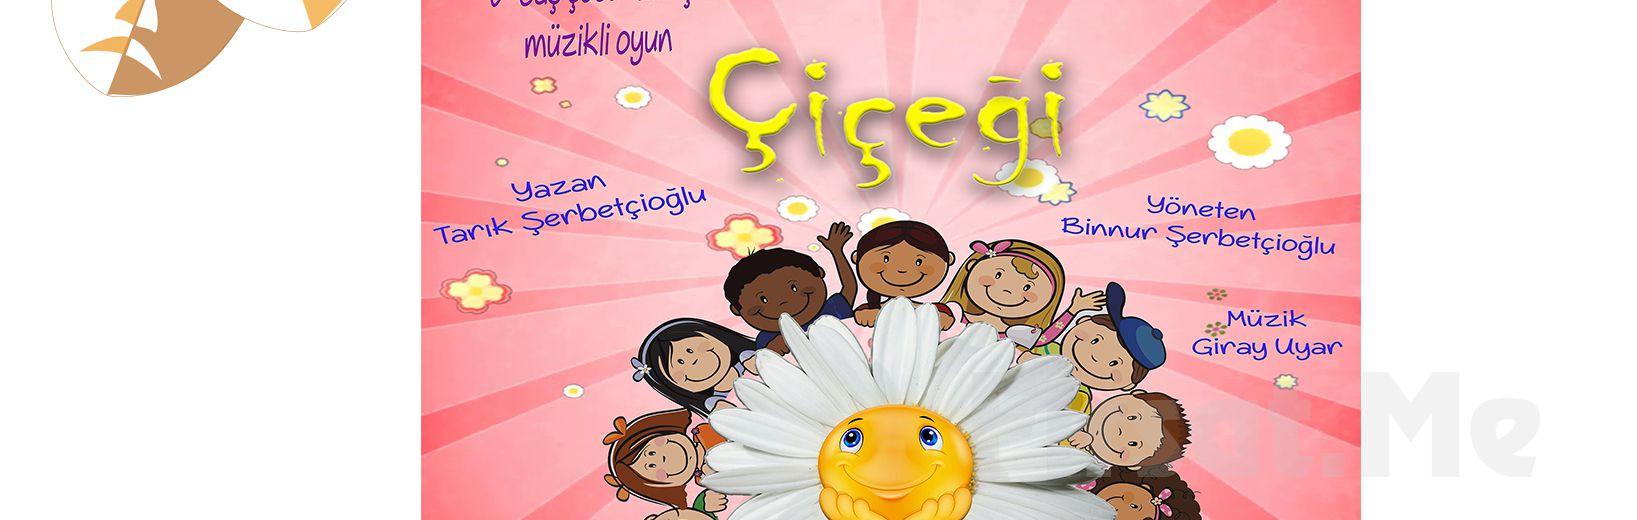 Yeni Doğan Kardeş Kıskançlığı Konulu 'Mutluluk Çiçeği' Müzikli Çocuk Tiyatro Oyun Bileti